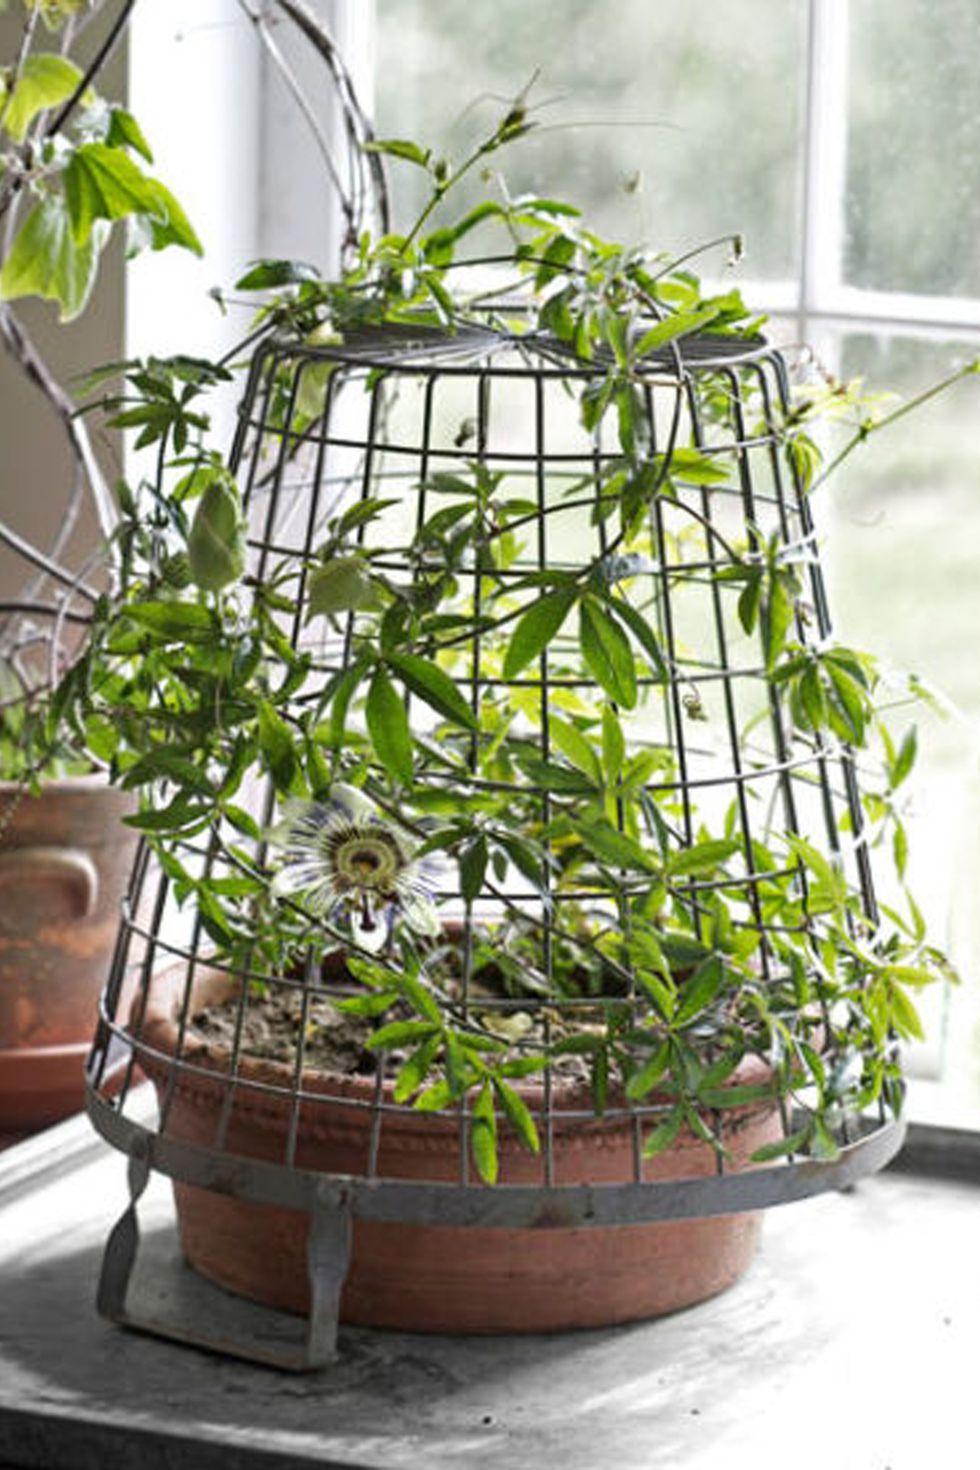 15 Best Indoor Plants - Cool Indoor Gardening Ideas